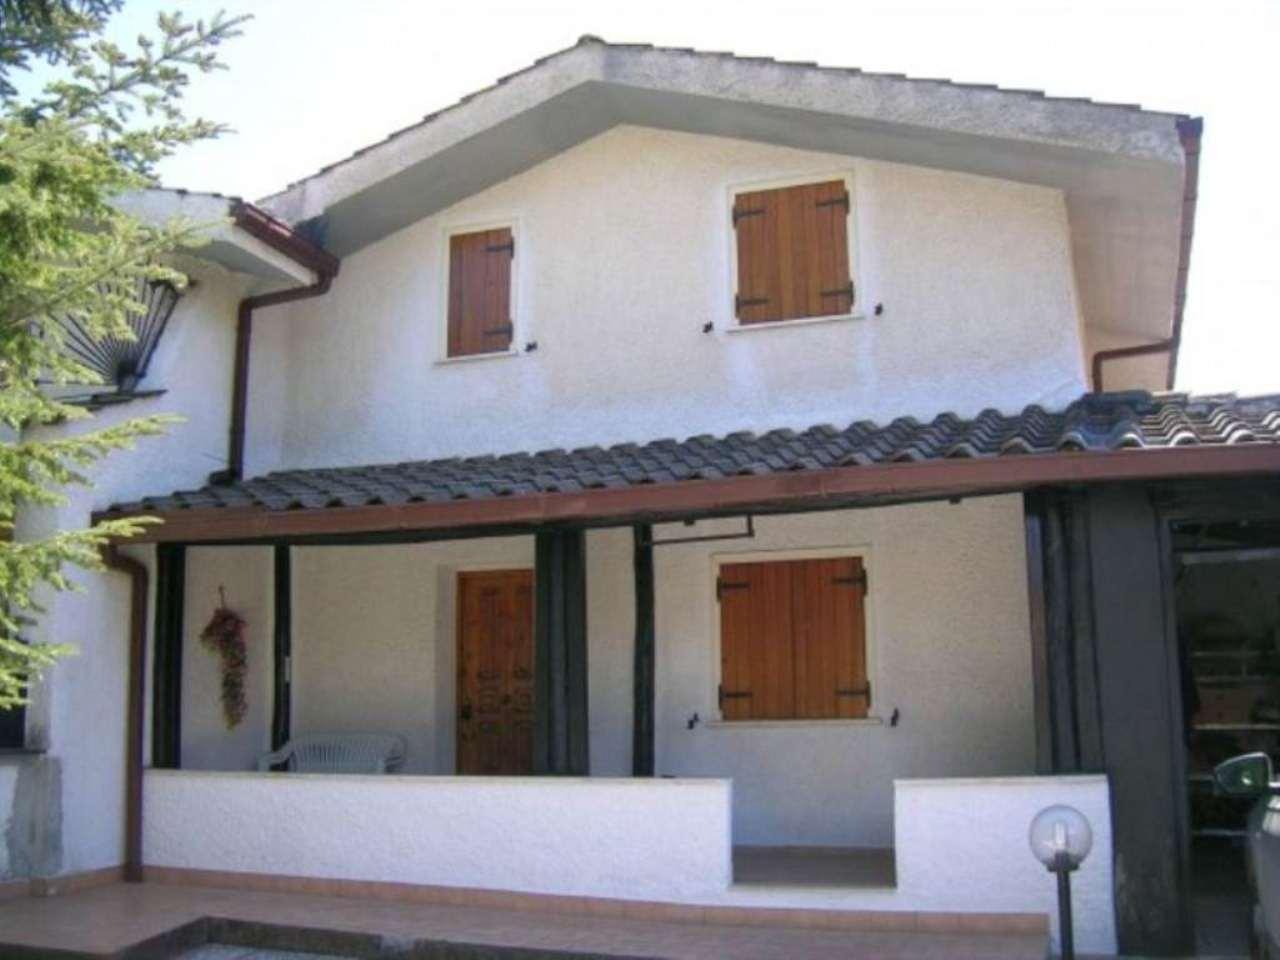 Villa in vendita a Rocca di Botte, 3 locali, prezzo € 135.000 | Cambio Casa.it